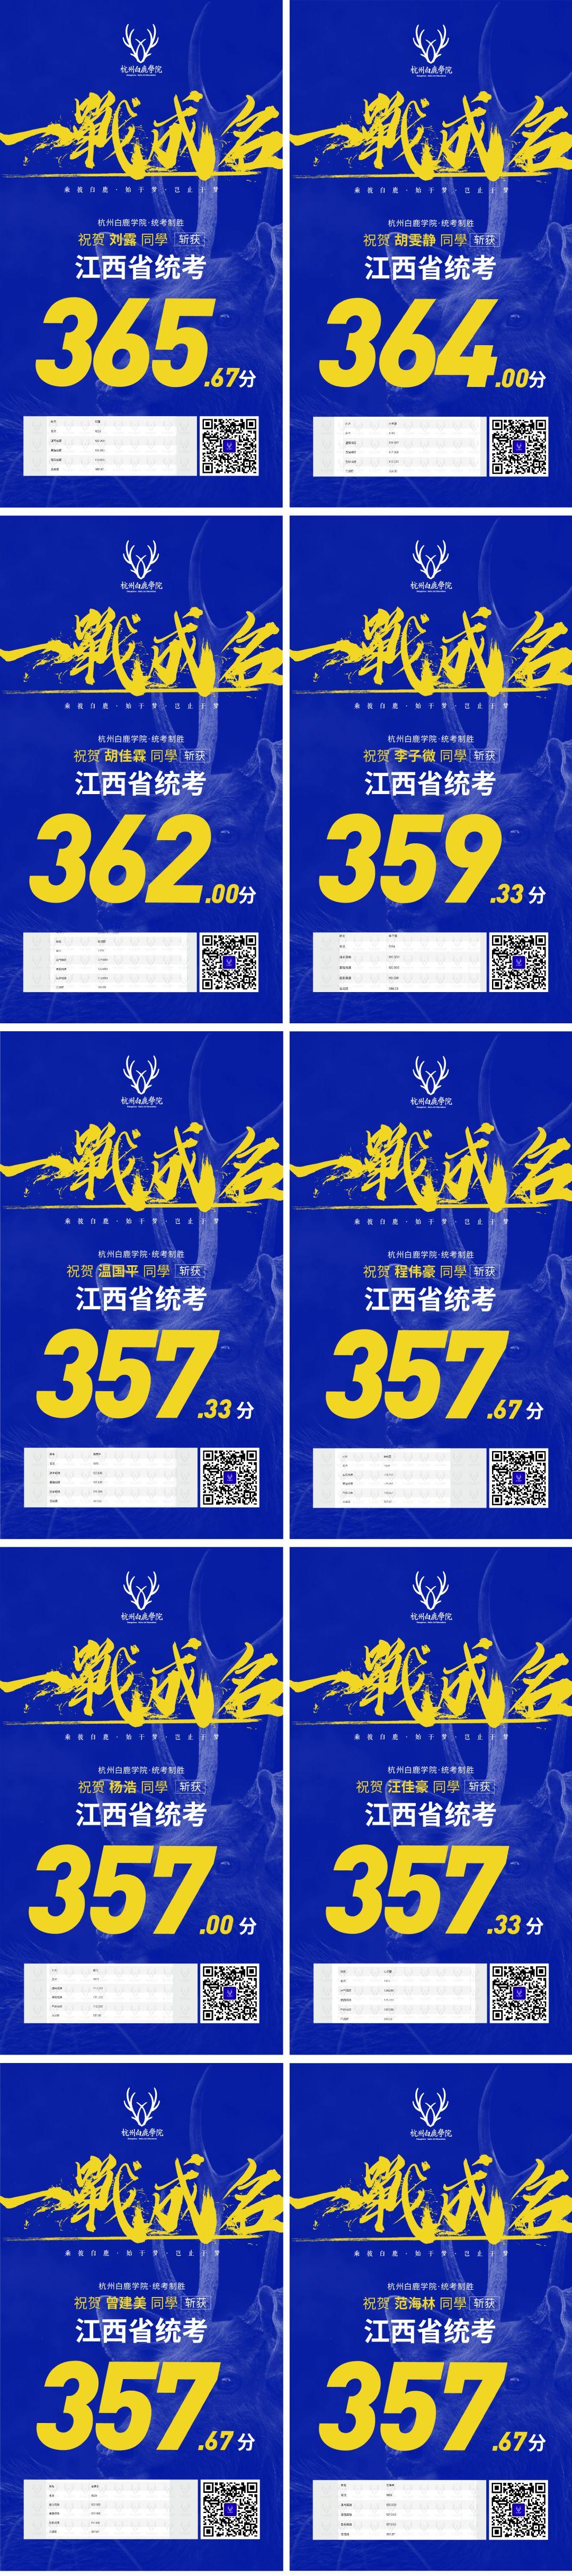 杭州画室,杭州美术培训,杭州联考美术培训,27